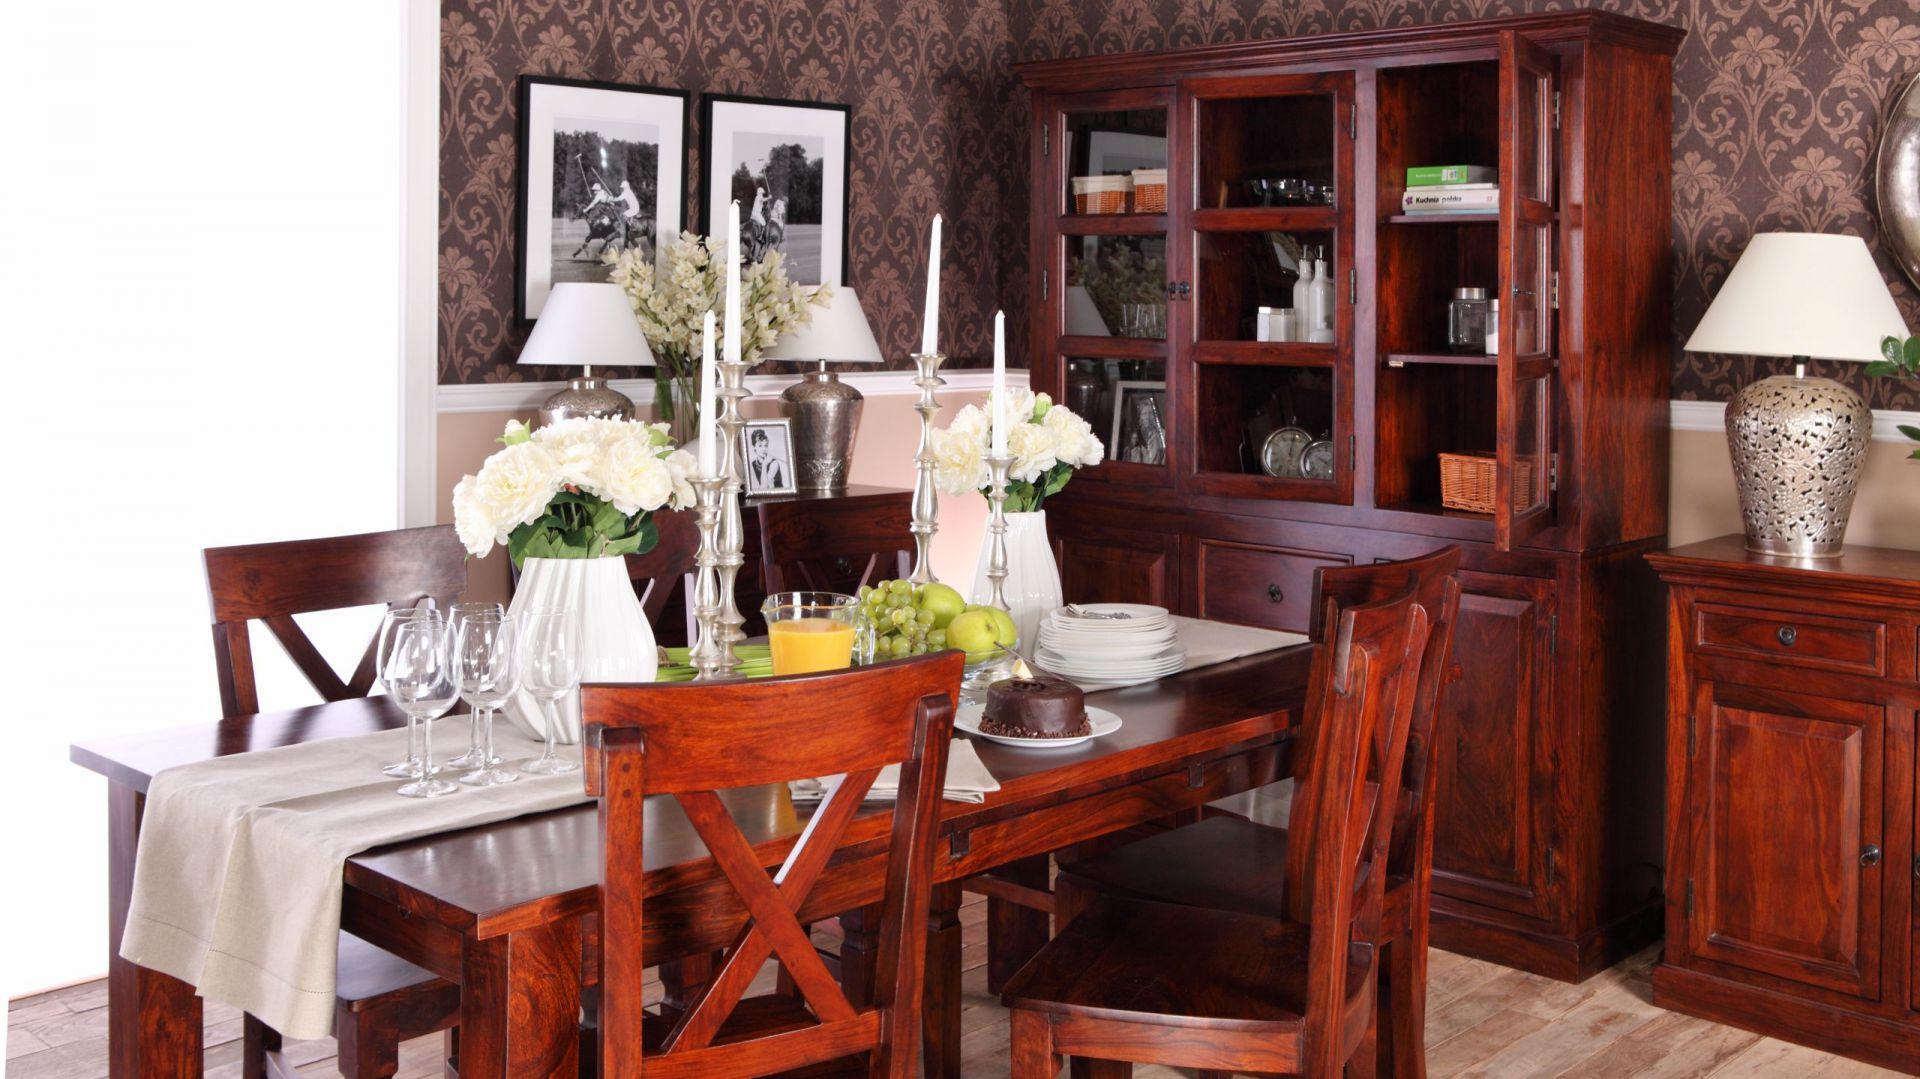 Kolonialna kolekcja mebli wykonana z palisandru indyjskiego – drewna wytrzymałego i o pięknym rysunku. Ciepła barwa mebli, ich stylistyka, połączona z metalowymi dodatkami tworzą niezwykle ciekawy i przyjemny wystrój jadalni. 4.390 zł (kredens), 390 zł (krzesło), 1.990 zł (rozkładany stół), 1.990 zł (komoda 96 cm, po lewej stronie zdjęcia), 2.890 zł (komoda 150 cm, (po prawej stronie zdjęcia), Sharda Home/Park Handlowy Janki.